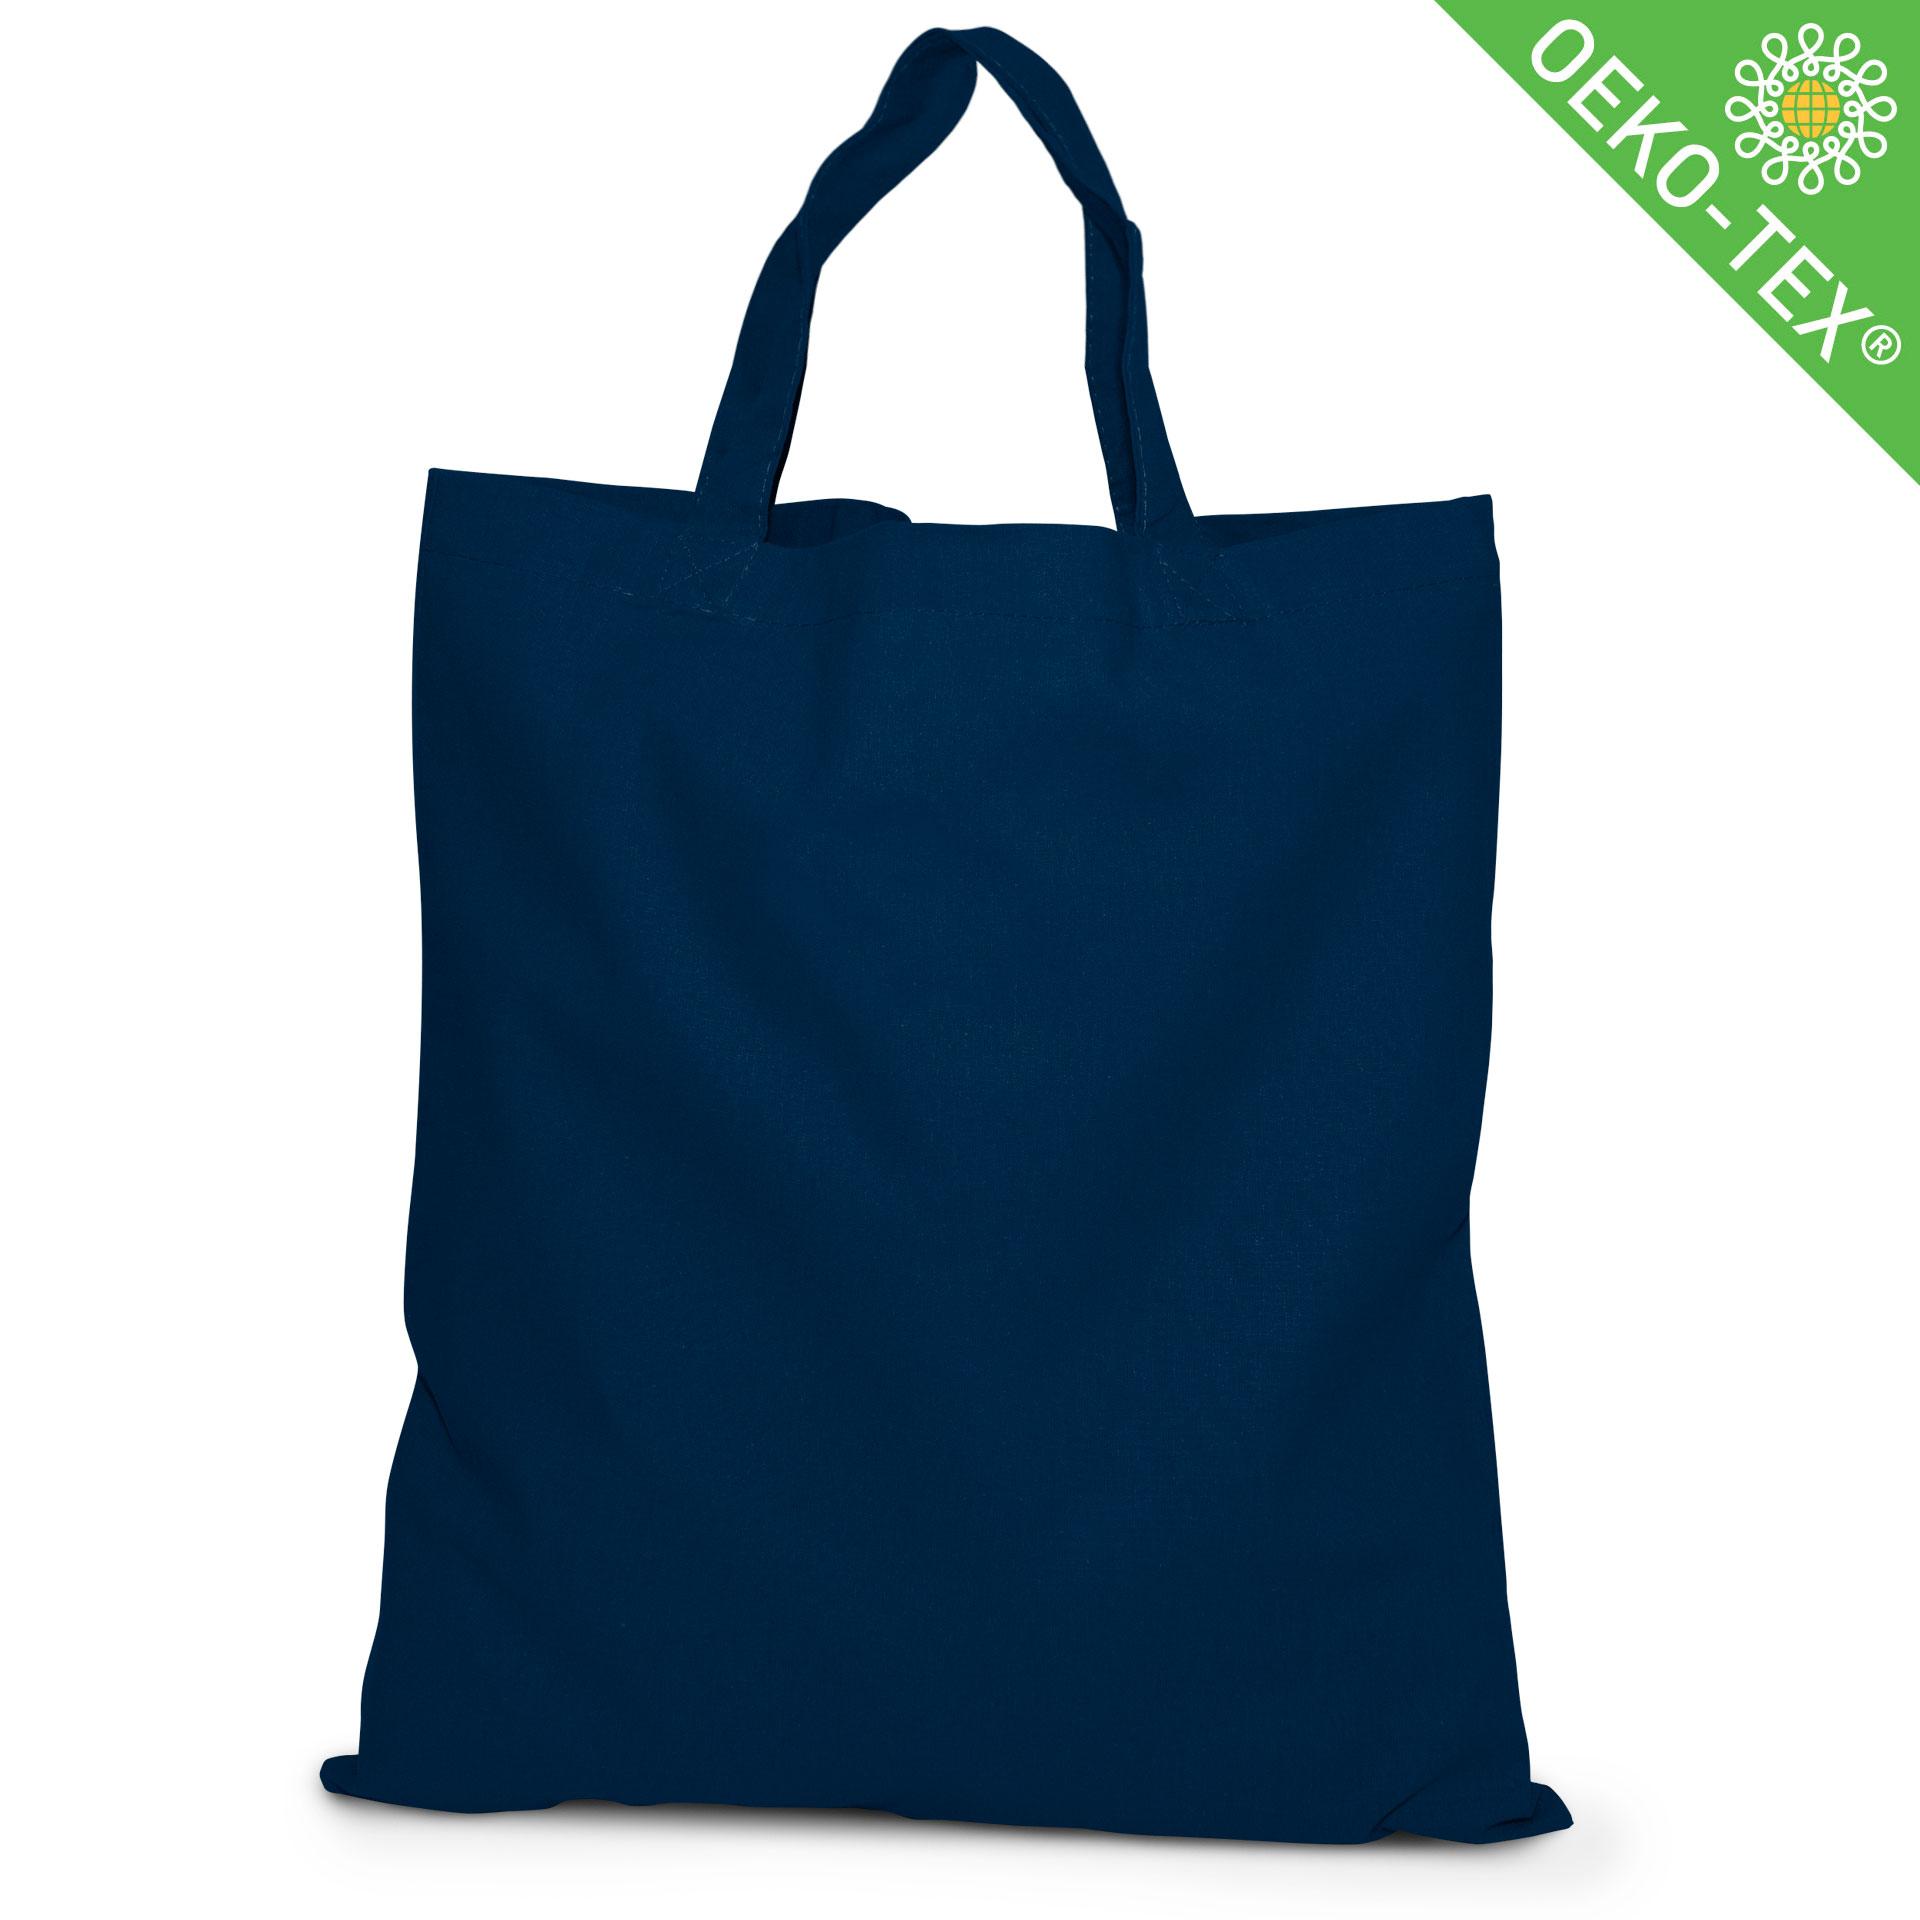 20 Kapstadt Baumwolltasche mit kurzen Henkeln, Farbe: nachtblau